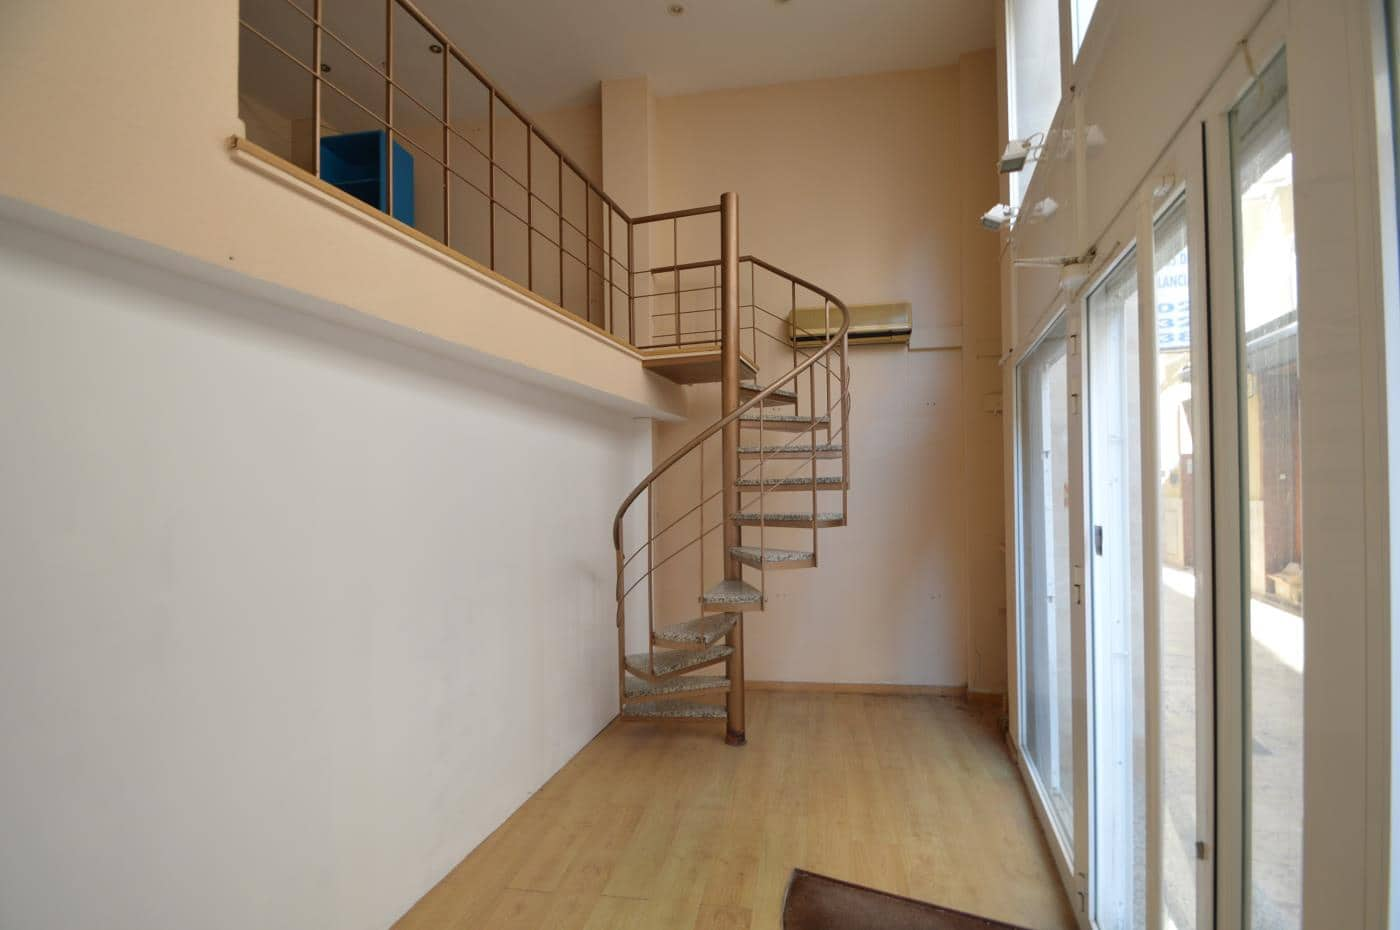 6 chambre Local Commercial à vendre à Vinaros - 550 000 € (Ref: 5686849)